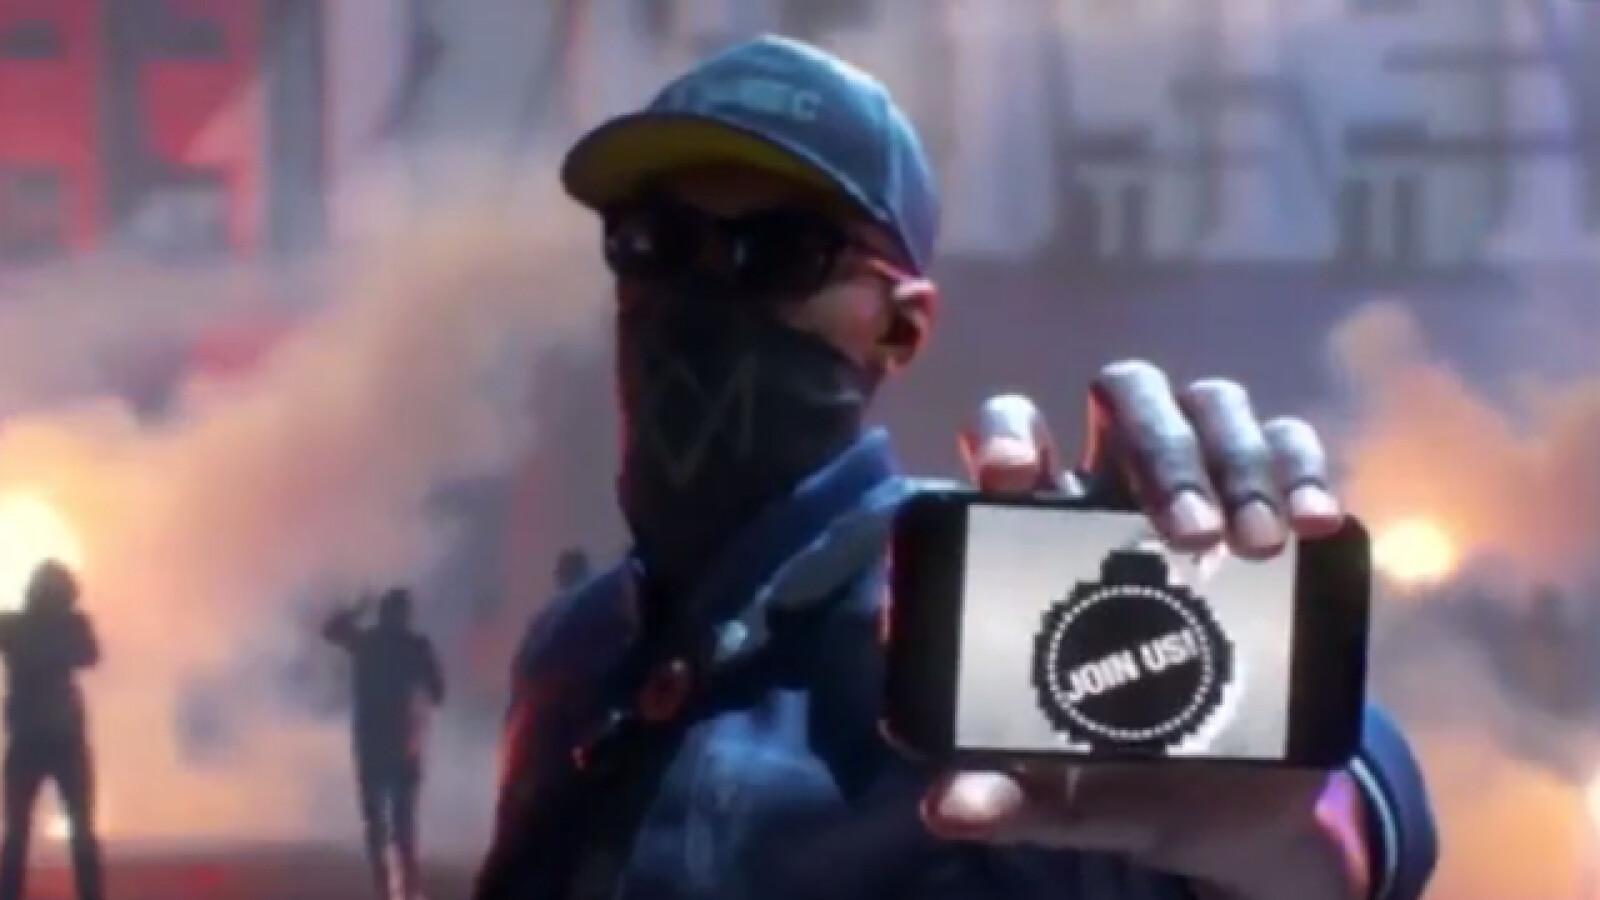 Ubisoft verschenkt Watch Dogs 2: Kostenloses PC-Spiel nur für kurze Zeit zu haben